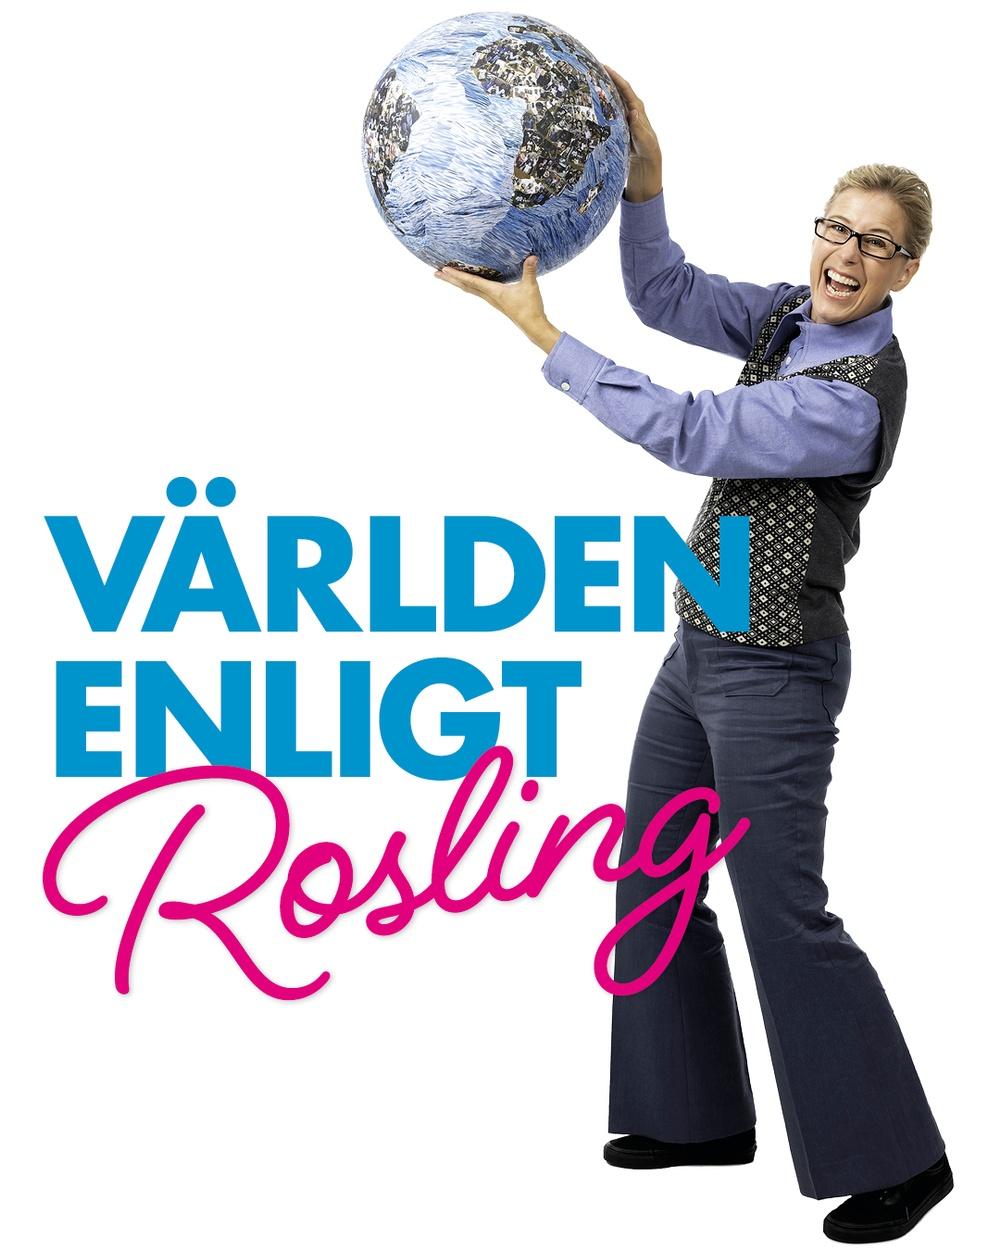 Världen enligt Rosling, gästspel från Norrbottensteatern. Foto Magnus Stenberg.